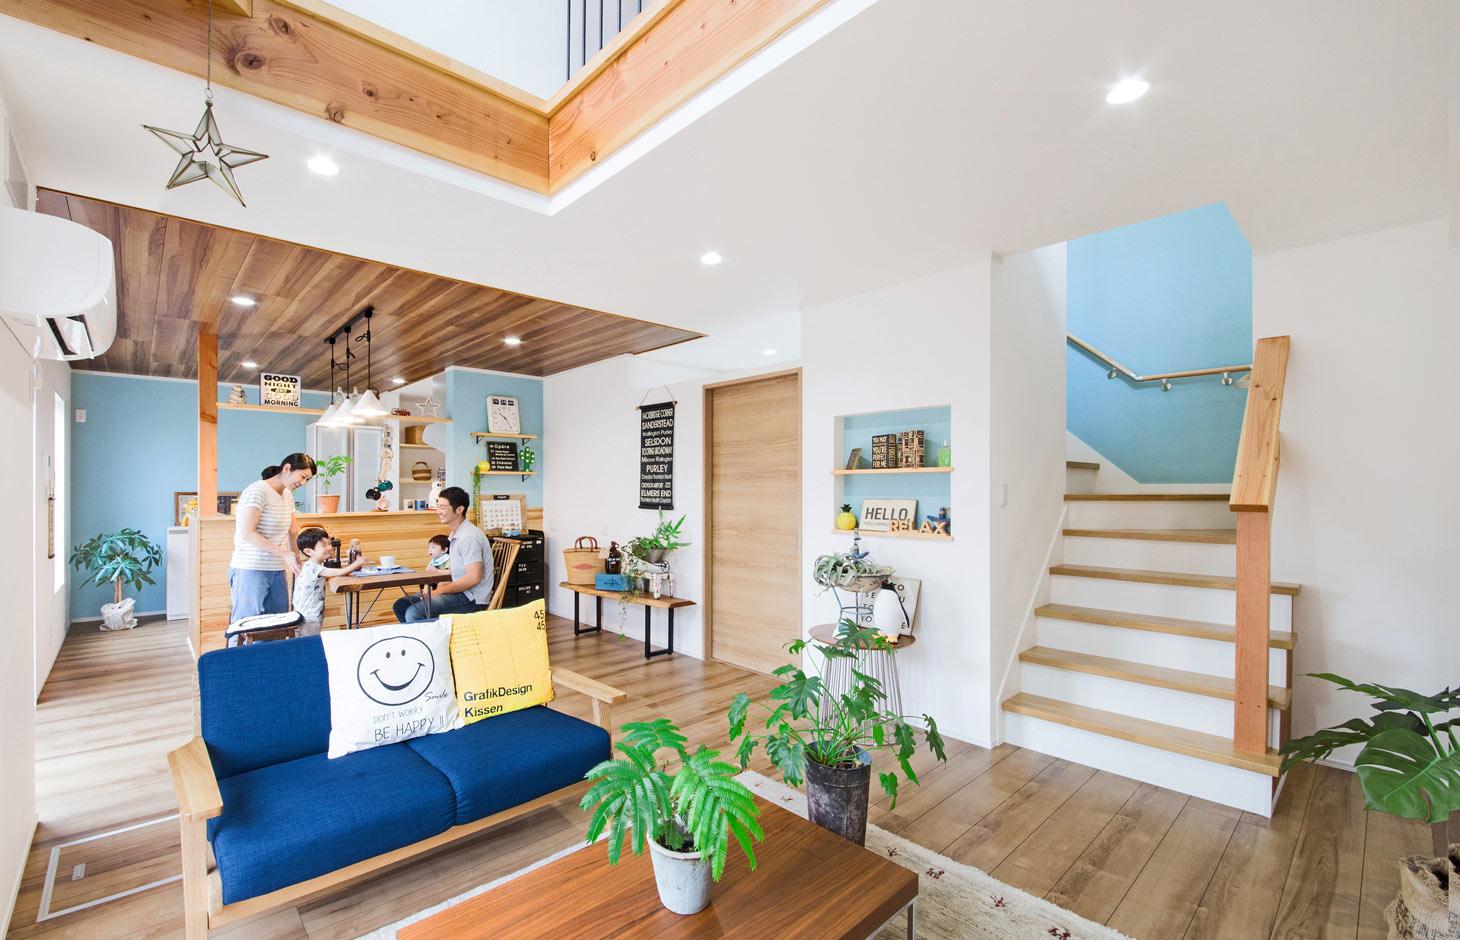 illi-to design 鳥居建設21【デザイン住宅、趣味、省エネ】ナチュラルな雰囲気のLDK。対面キッチンやリビング階段が家族をつなぐ